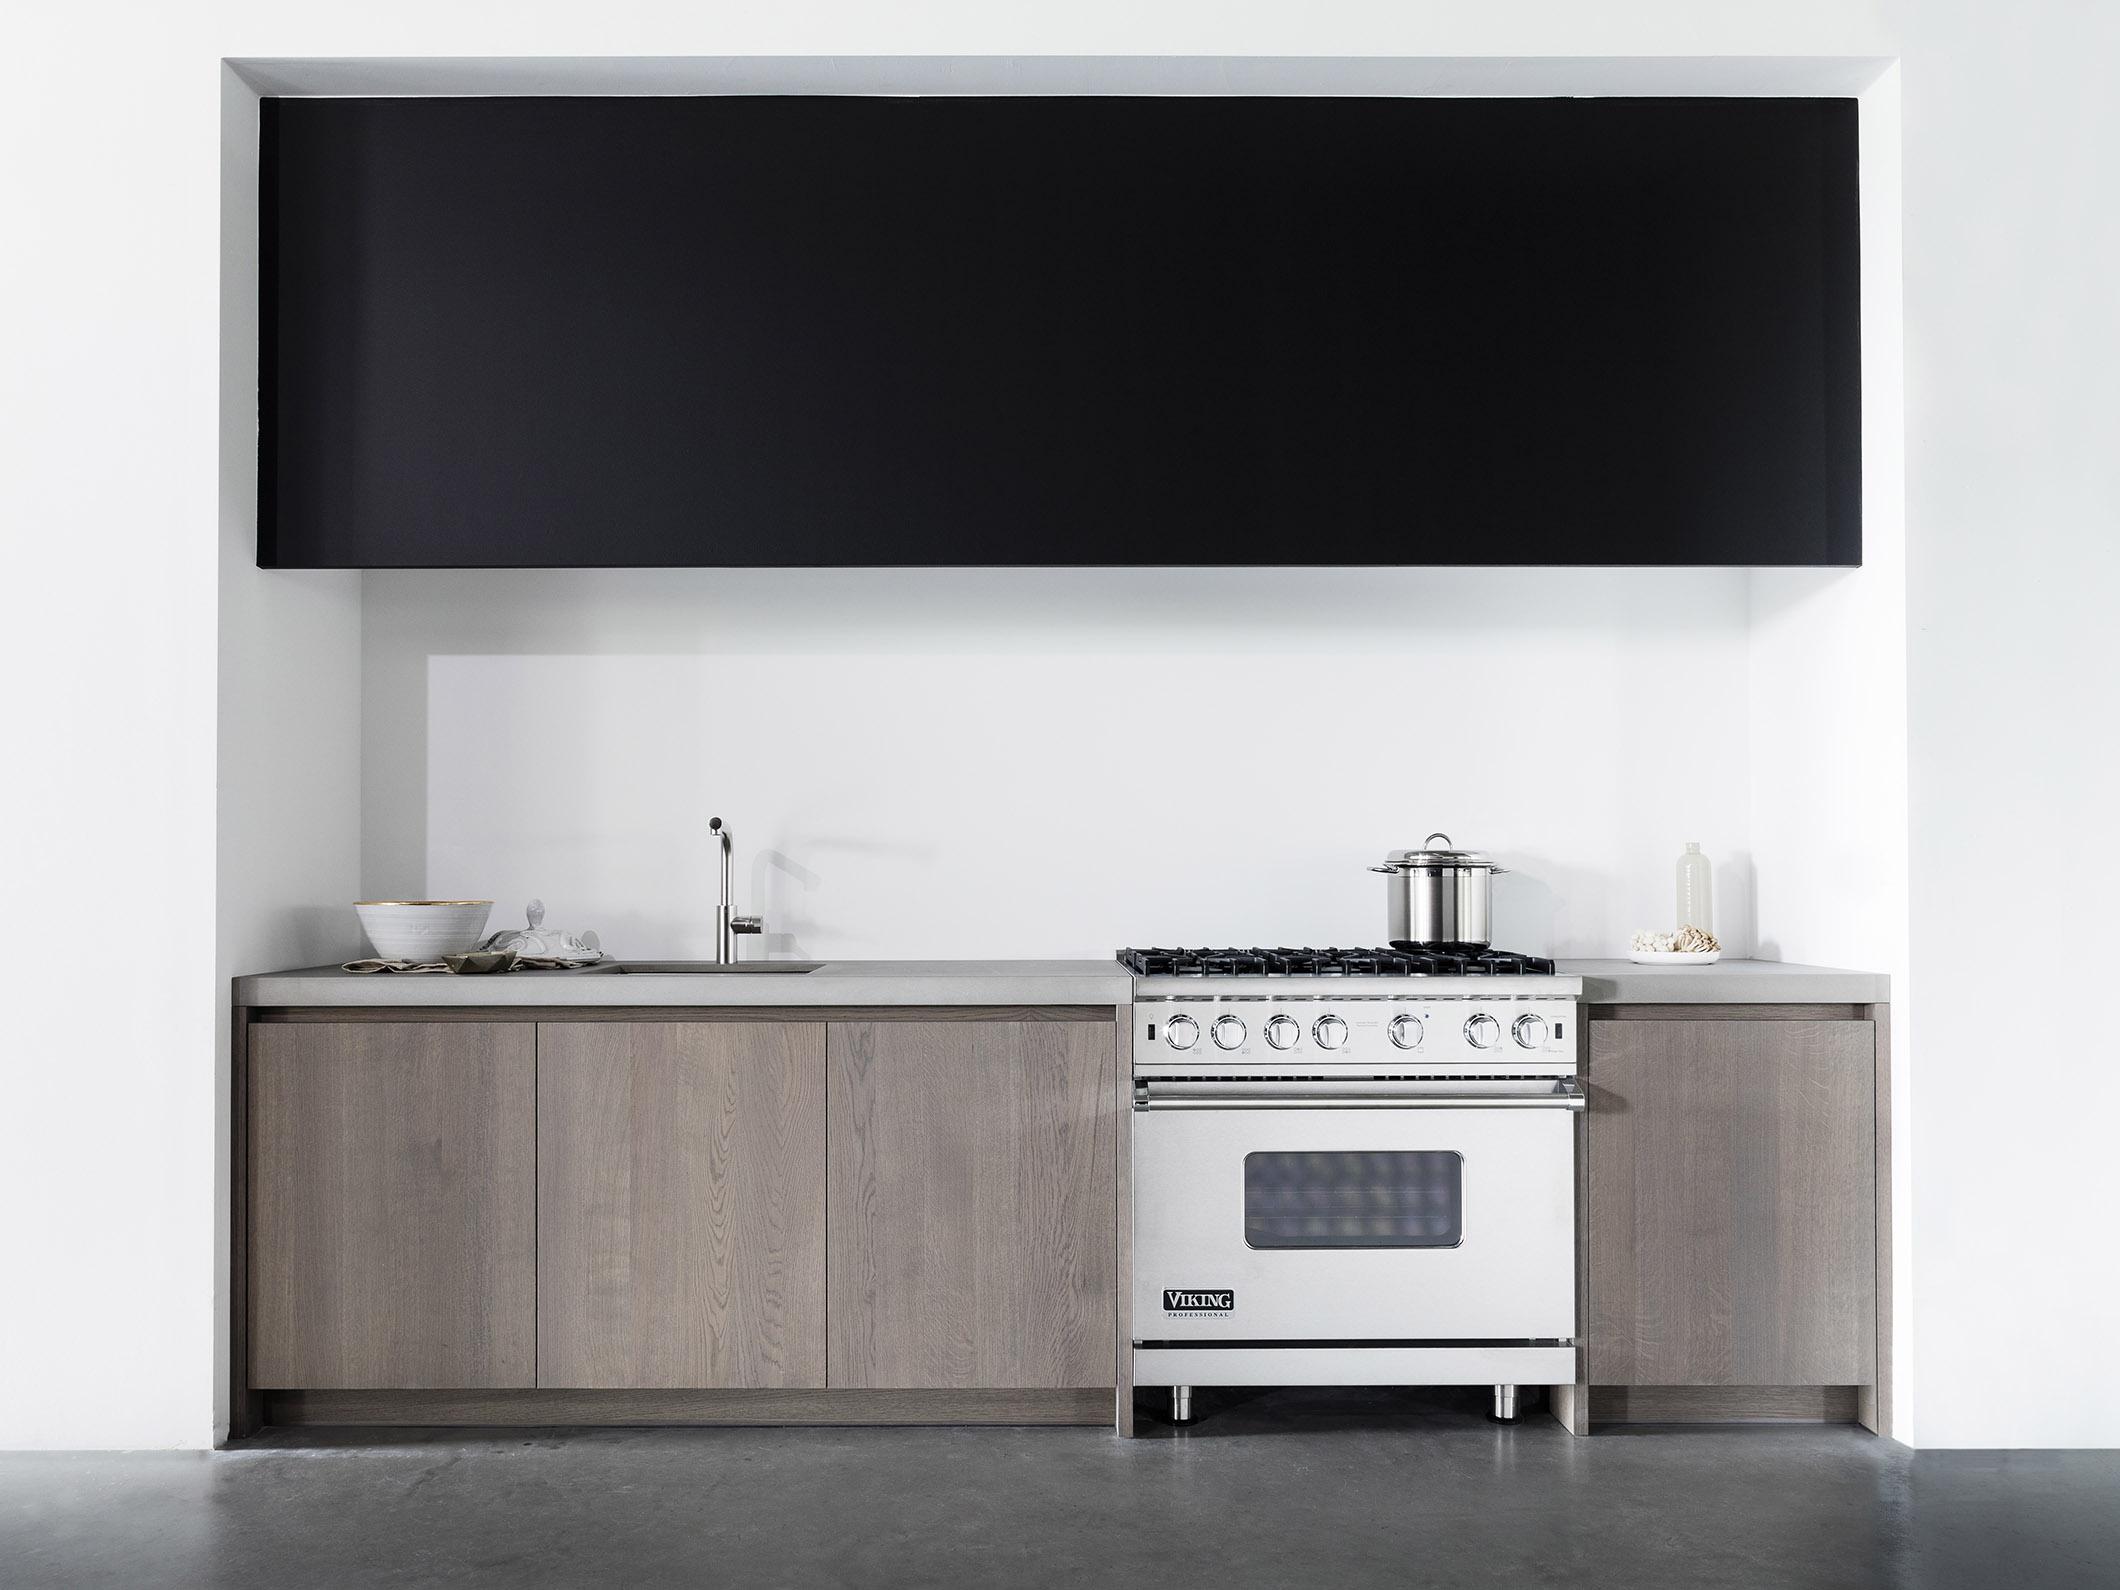 ELEMENT kitchen - Kitchens - Kitchen - Studio Piet Boon